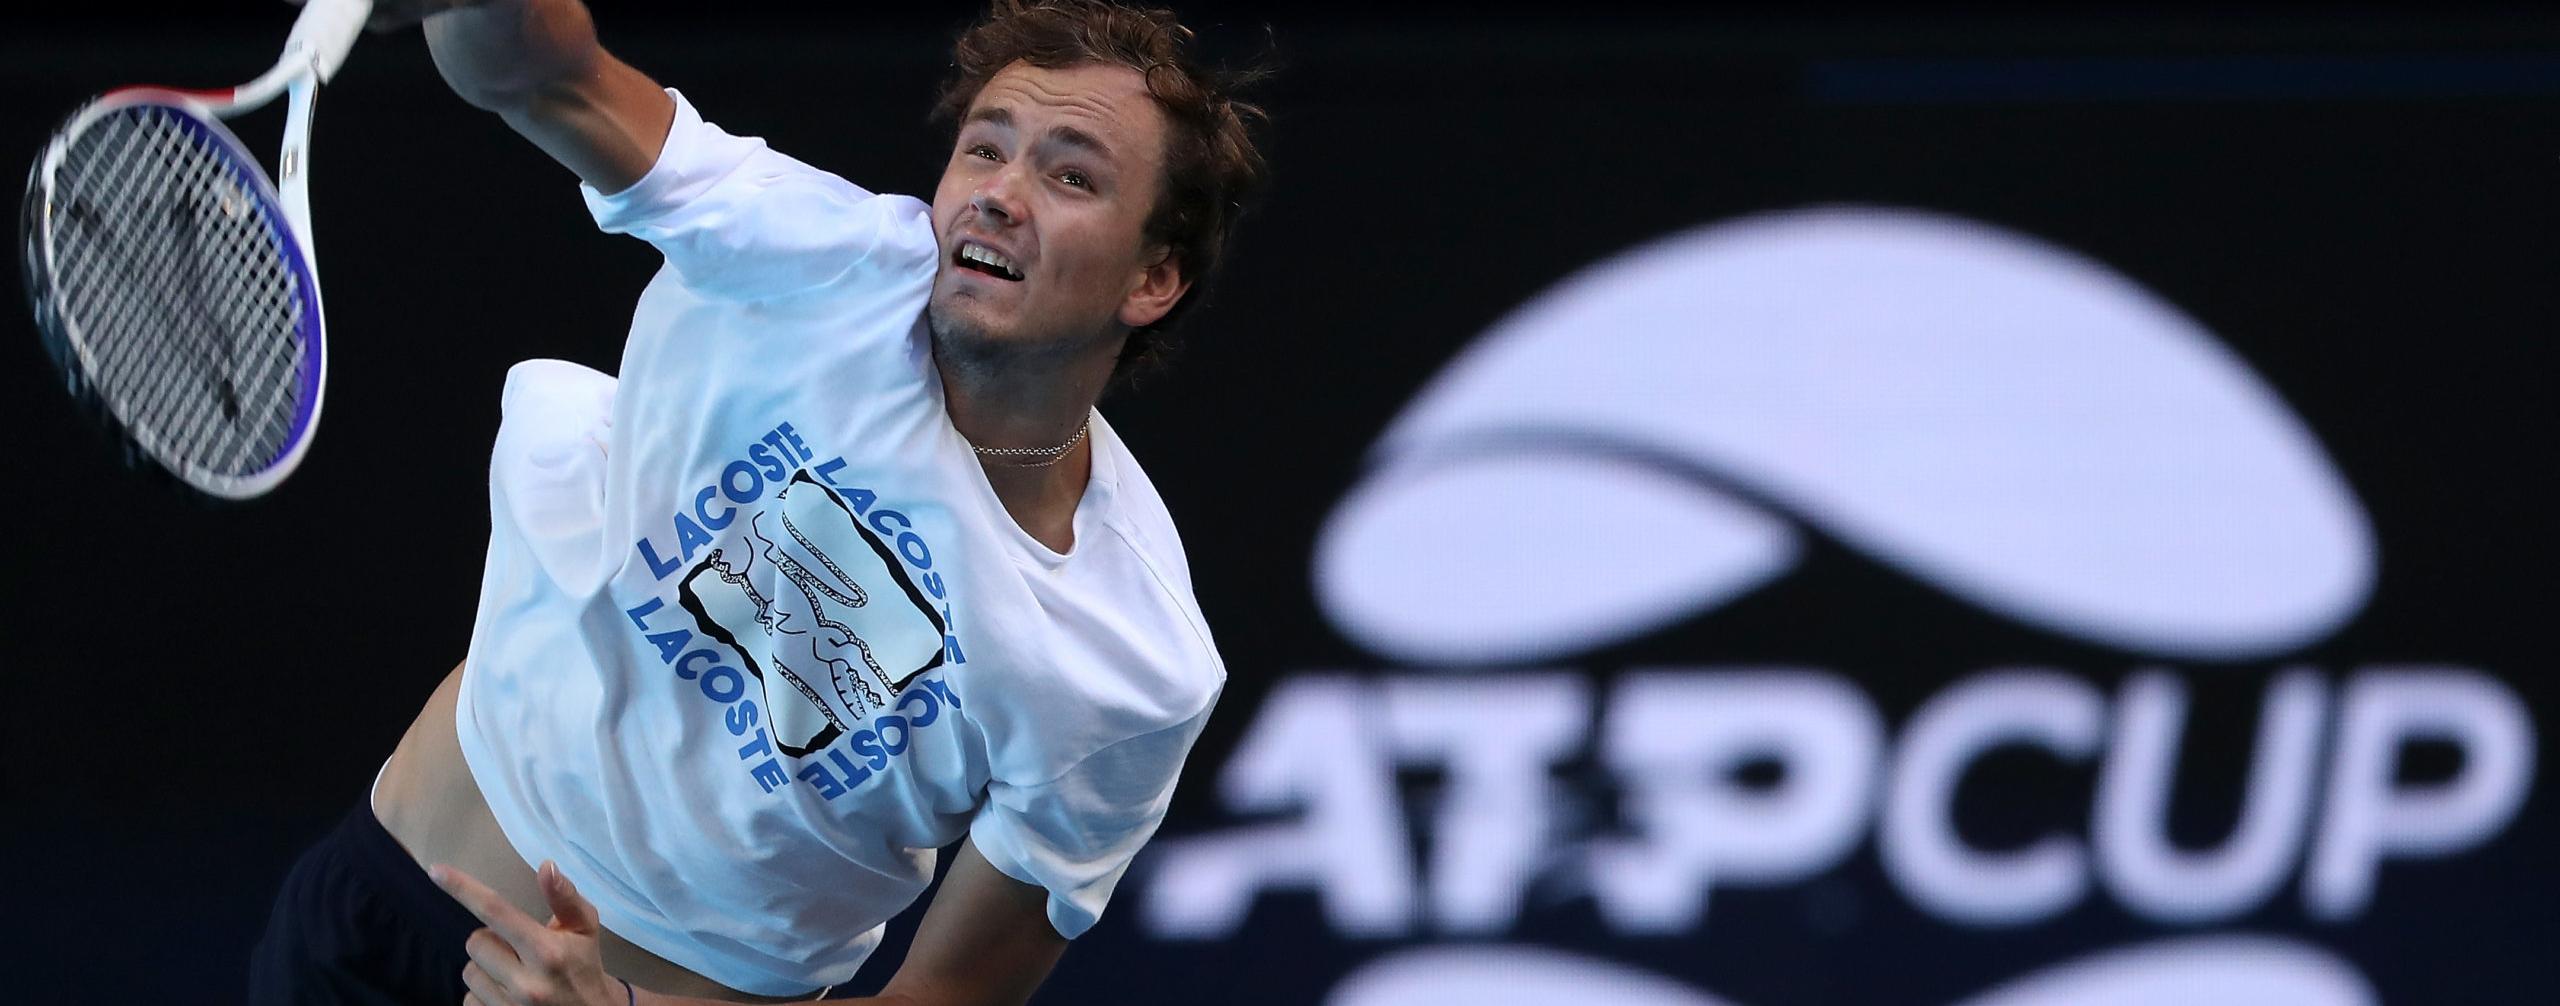 ATP Cup, al via tra le polemiche: Spagna favorita, occhio alla Russia. Per l'Italia è durissima...